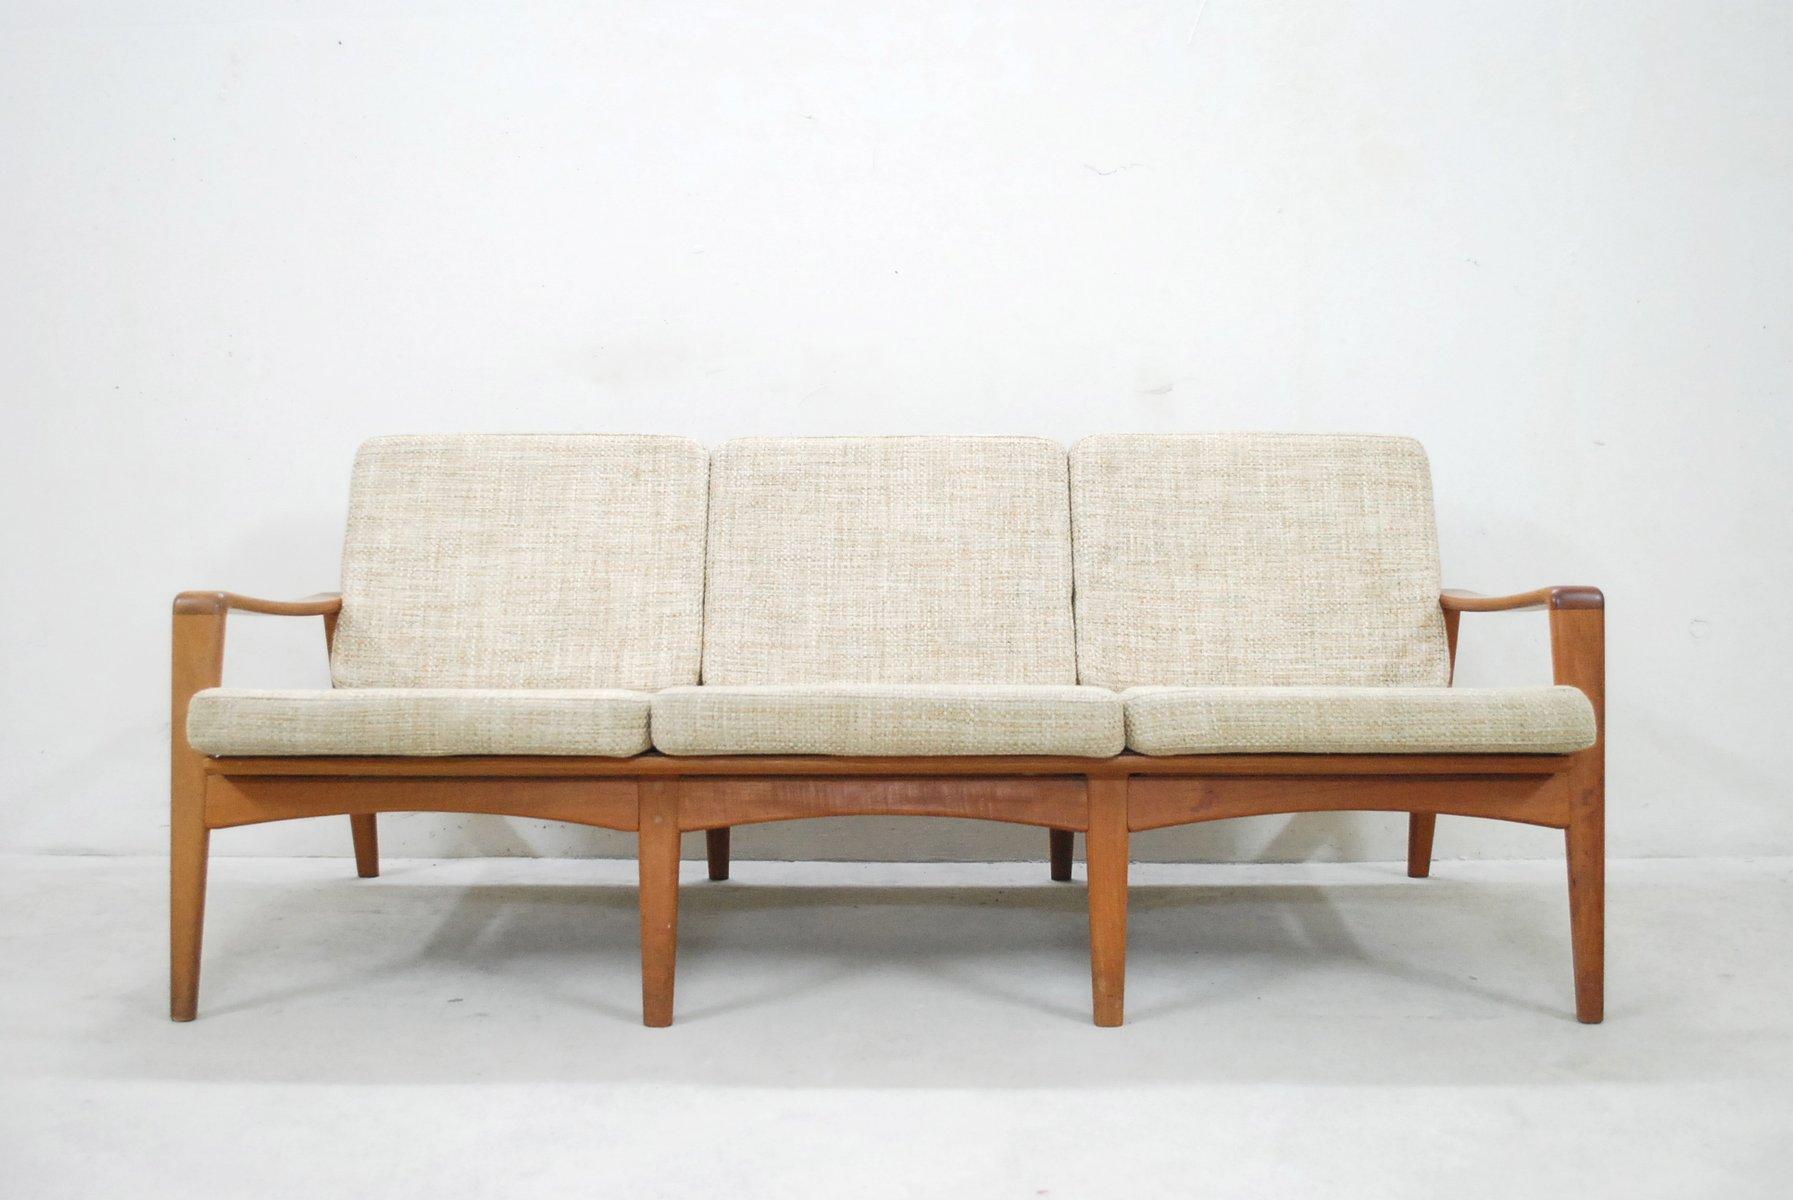 Vintage Danish 35 Teak Sofa by Arne Wahl Iversen for Komfort for ...